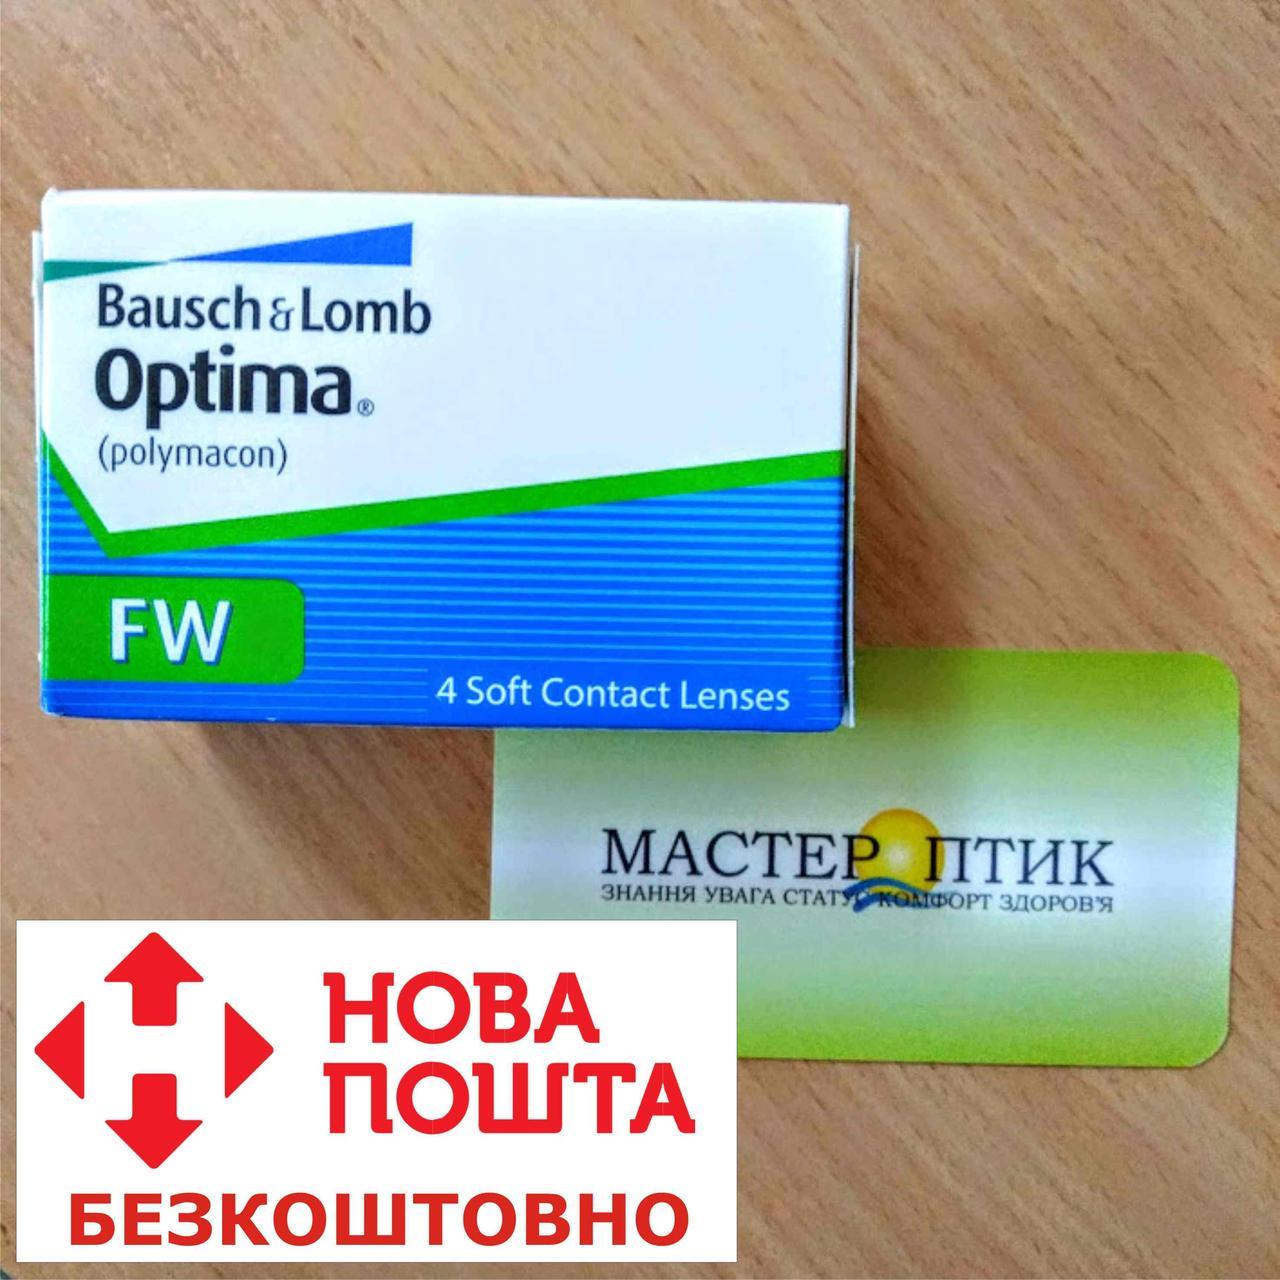 Контактні лінзи Bausch + Lomb, Optima FW